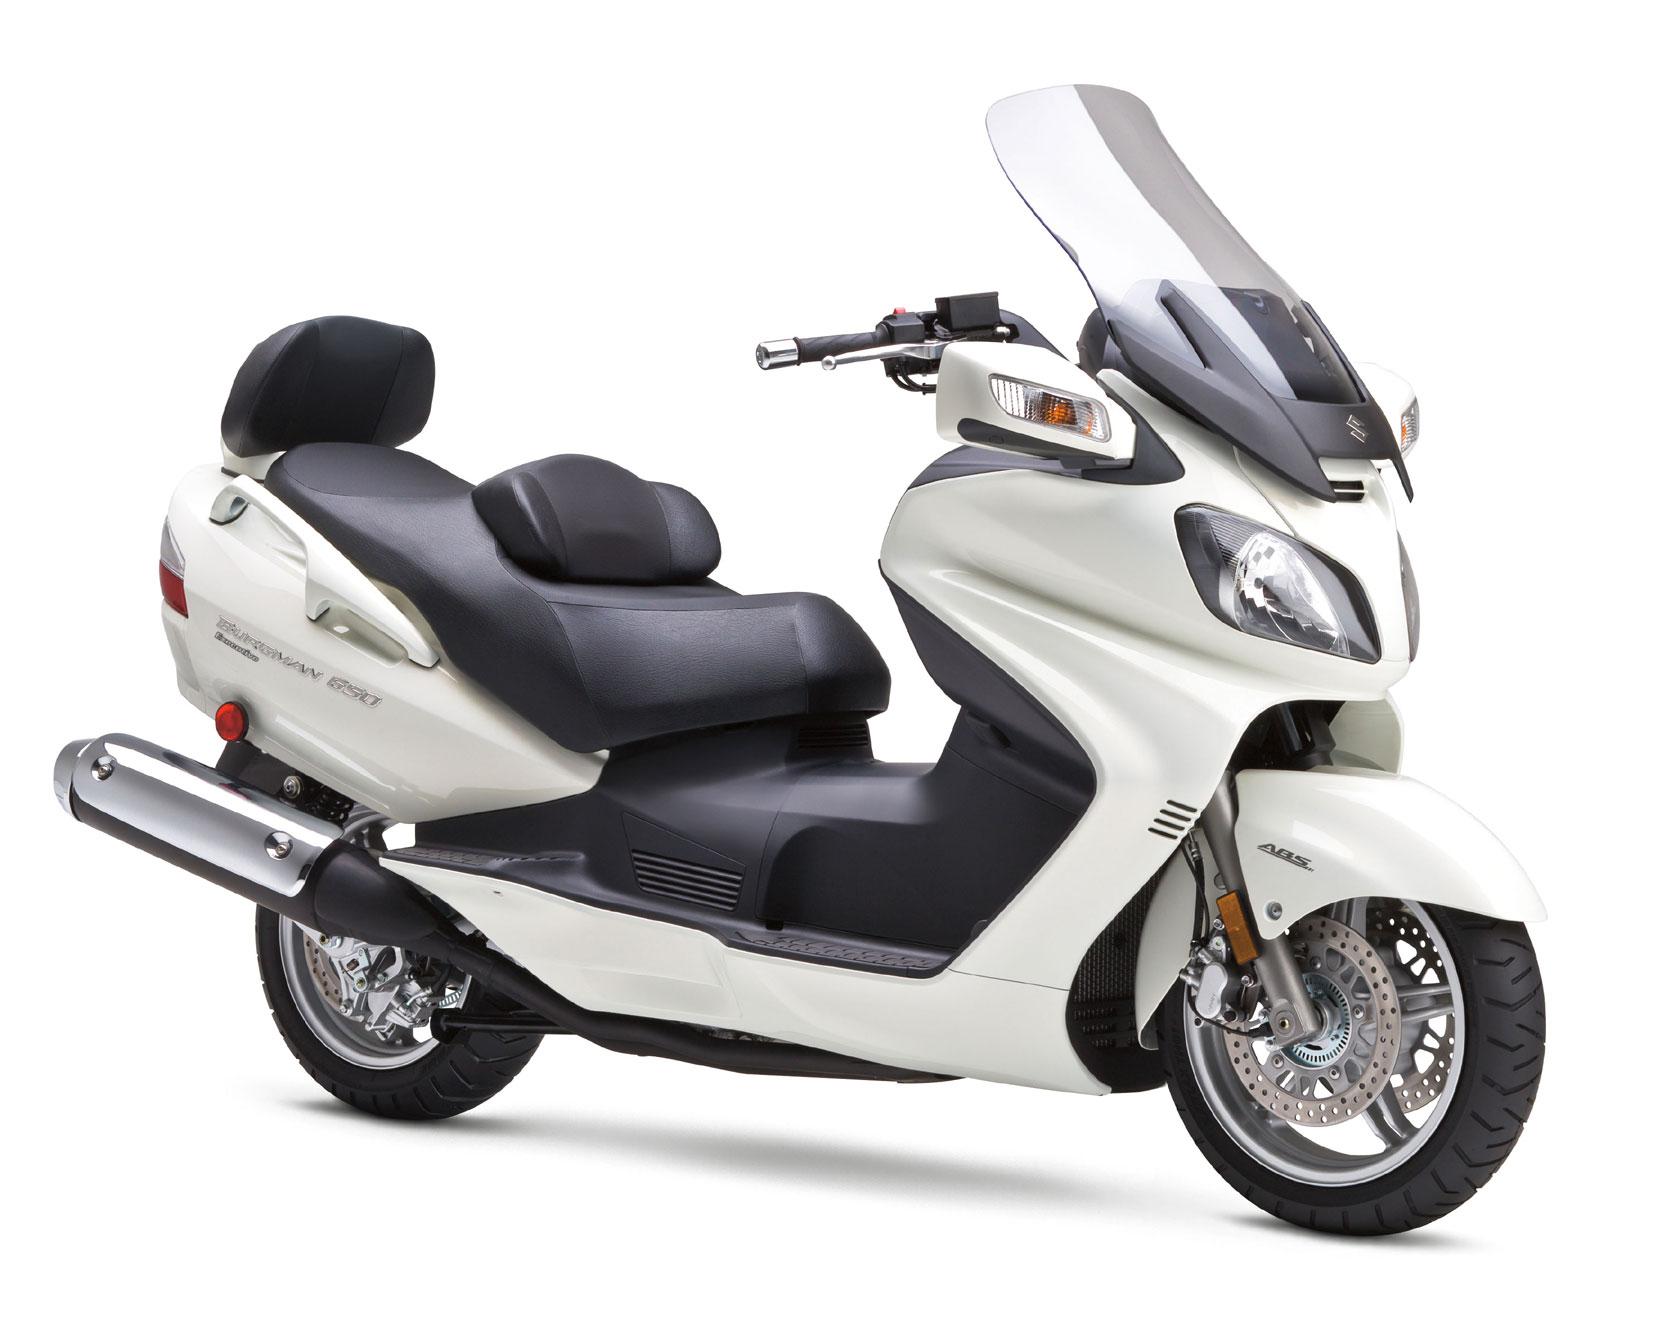 Kawasaki Exec